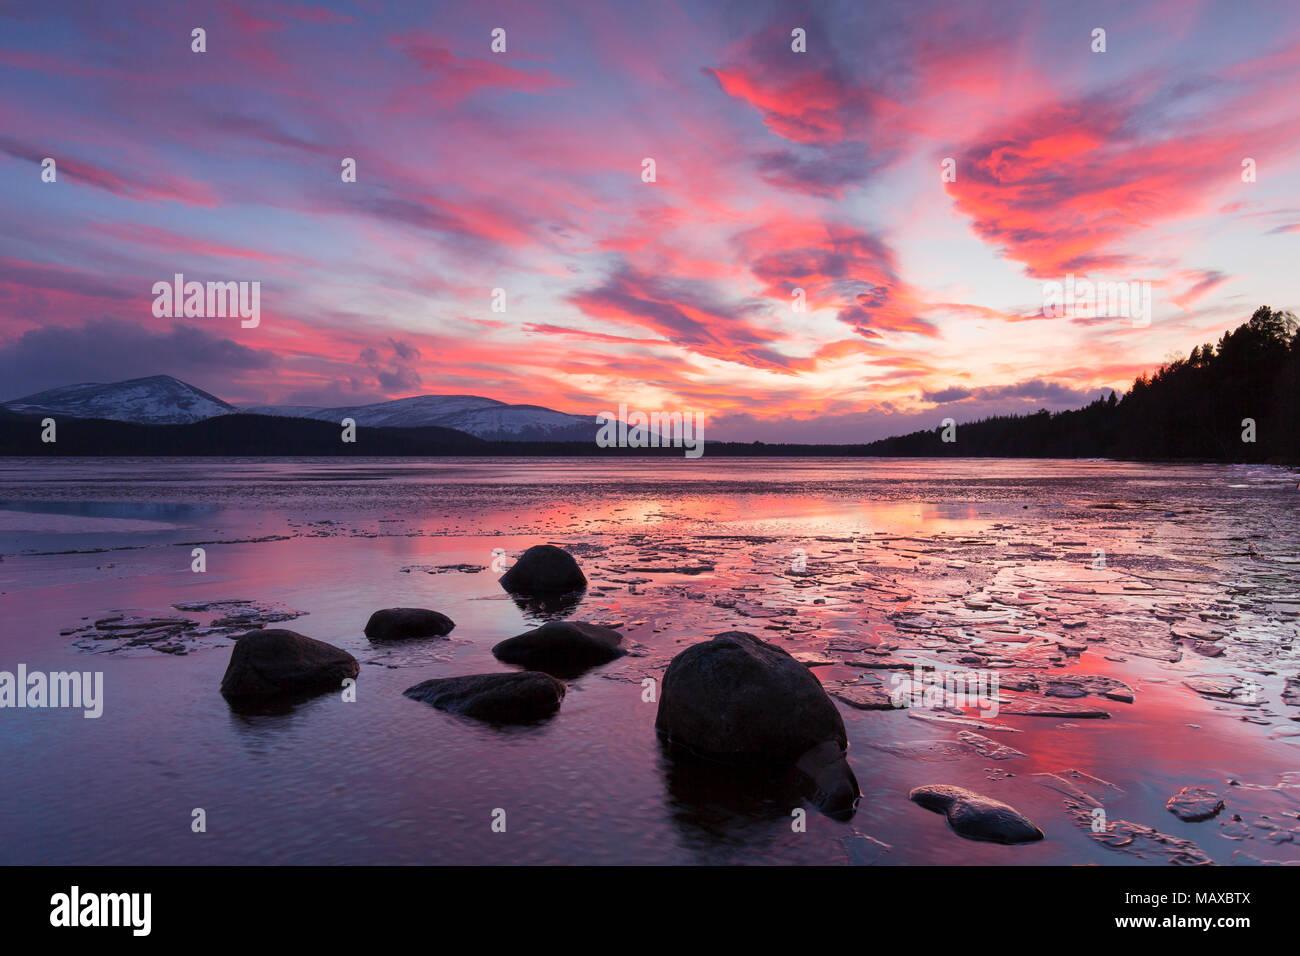 Loch Morlich al atardecer en invierno, el Parque Nacional de Cairngorms, Badenoch y Strathspey, Highland, Scotland, Reino Unido Foto de stock